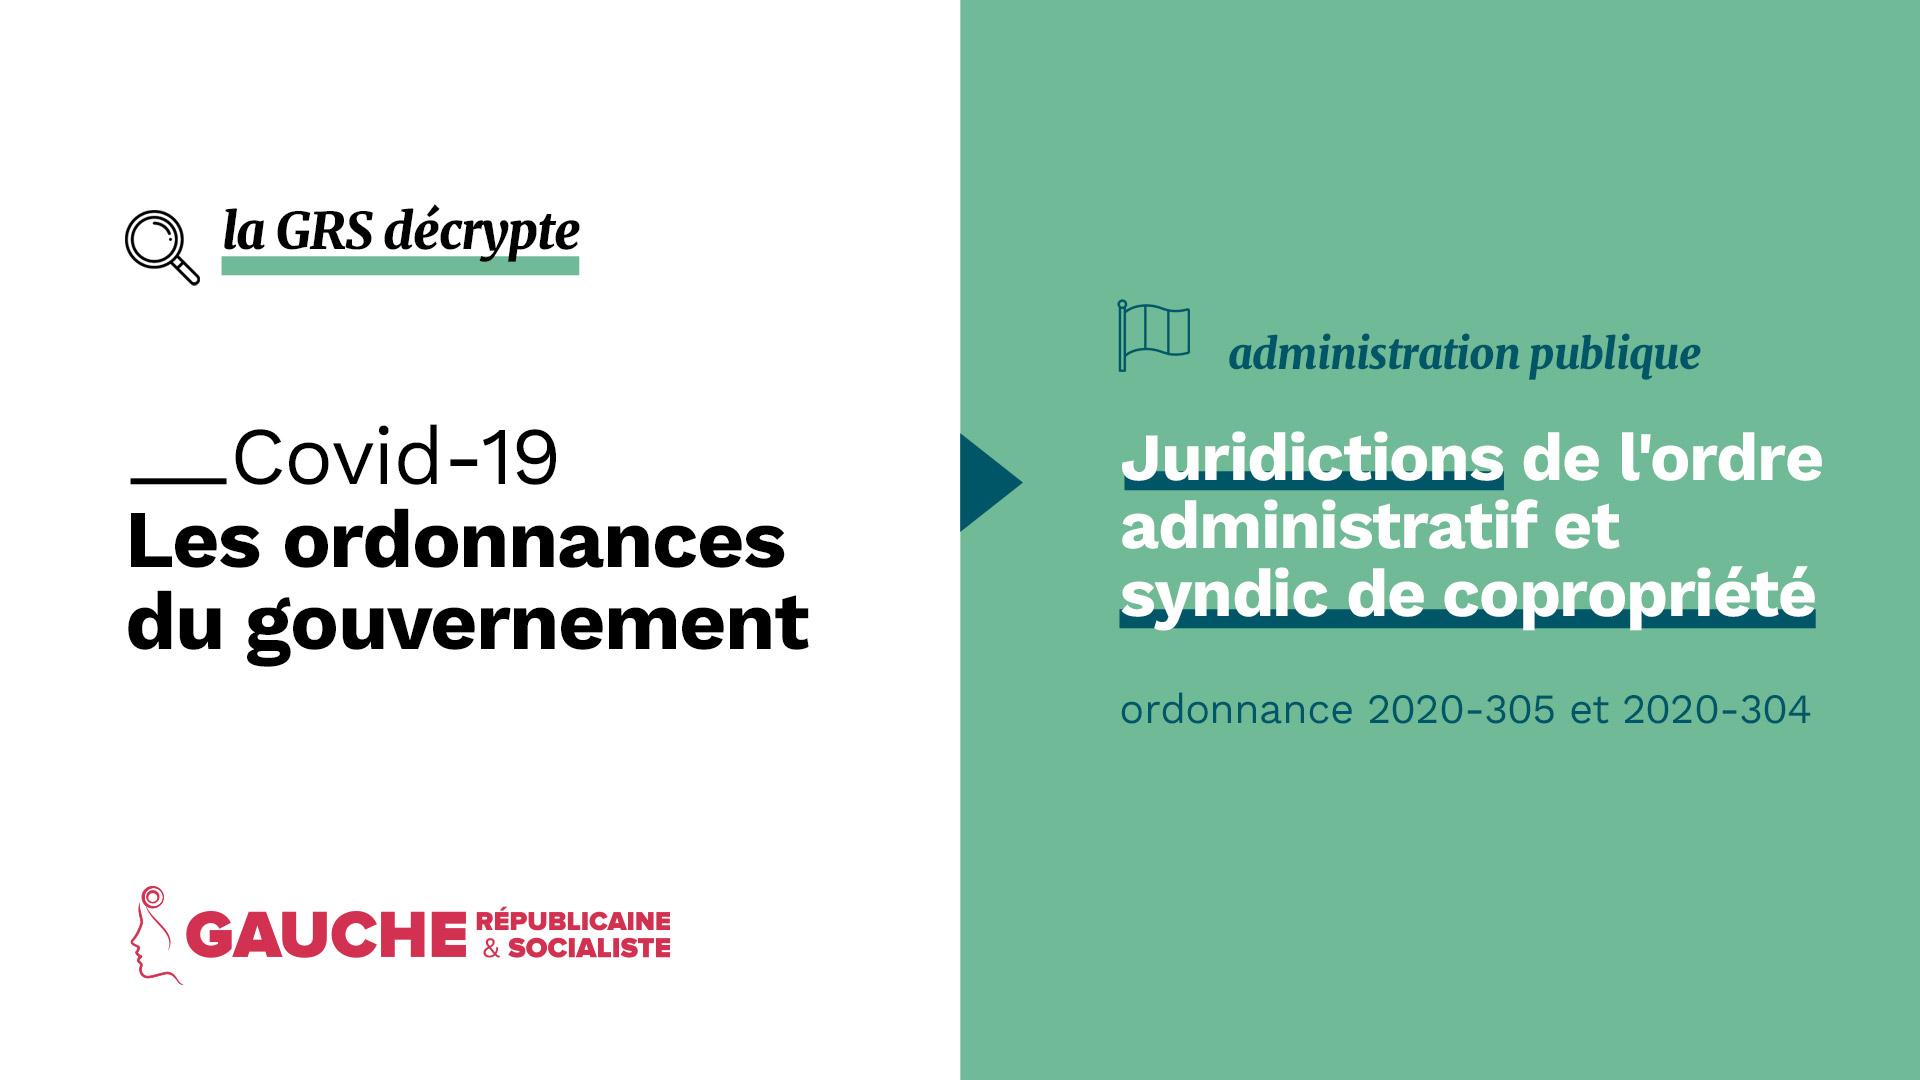 Ordonnance n° 2020-305 et 2020-304 – juridictions de l'ordre administratif et syndic de copropriété